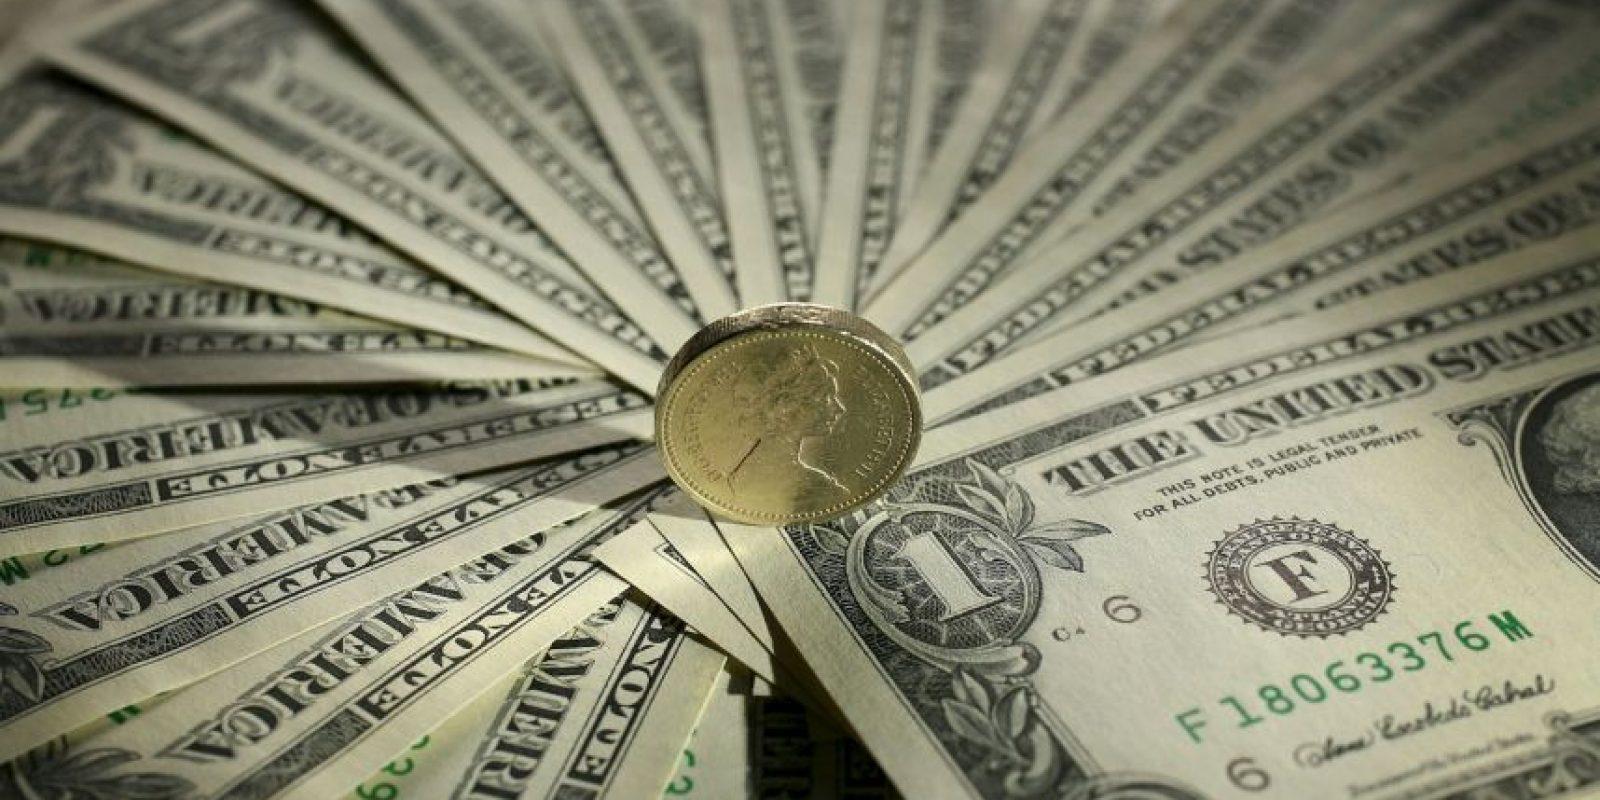 Un hombre fue recompensado con 500 mil dólares por haber sido insultado durante estudio médico. Foto:Getty Images